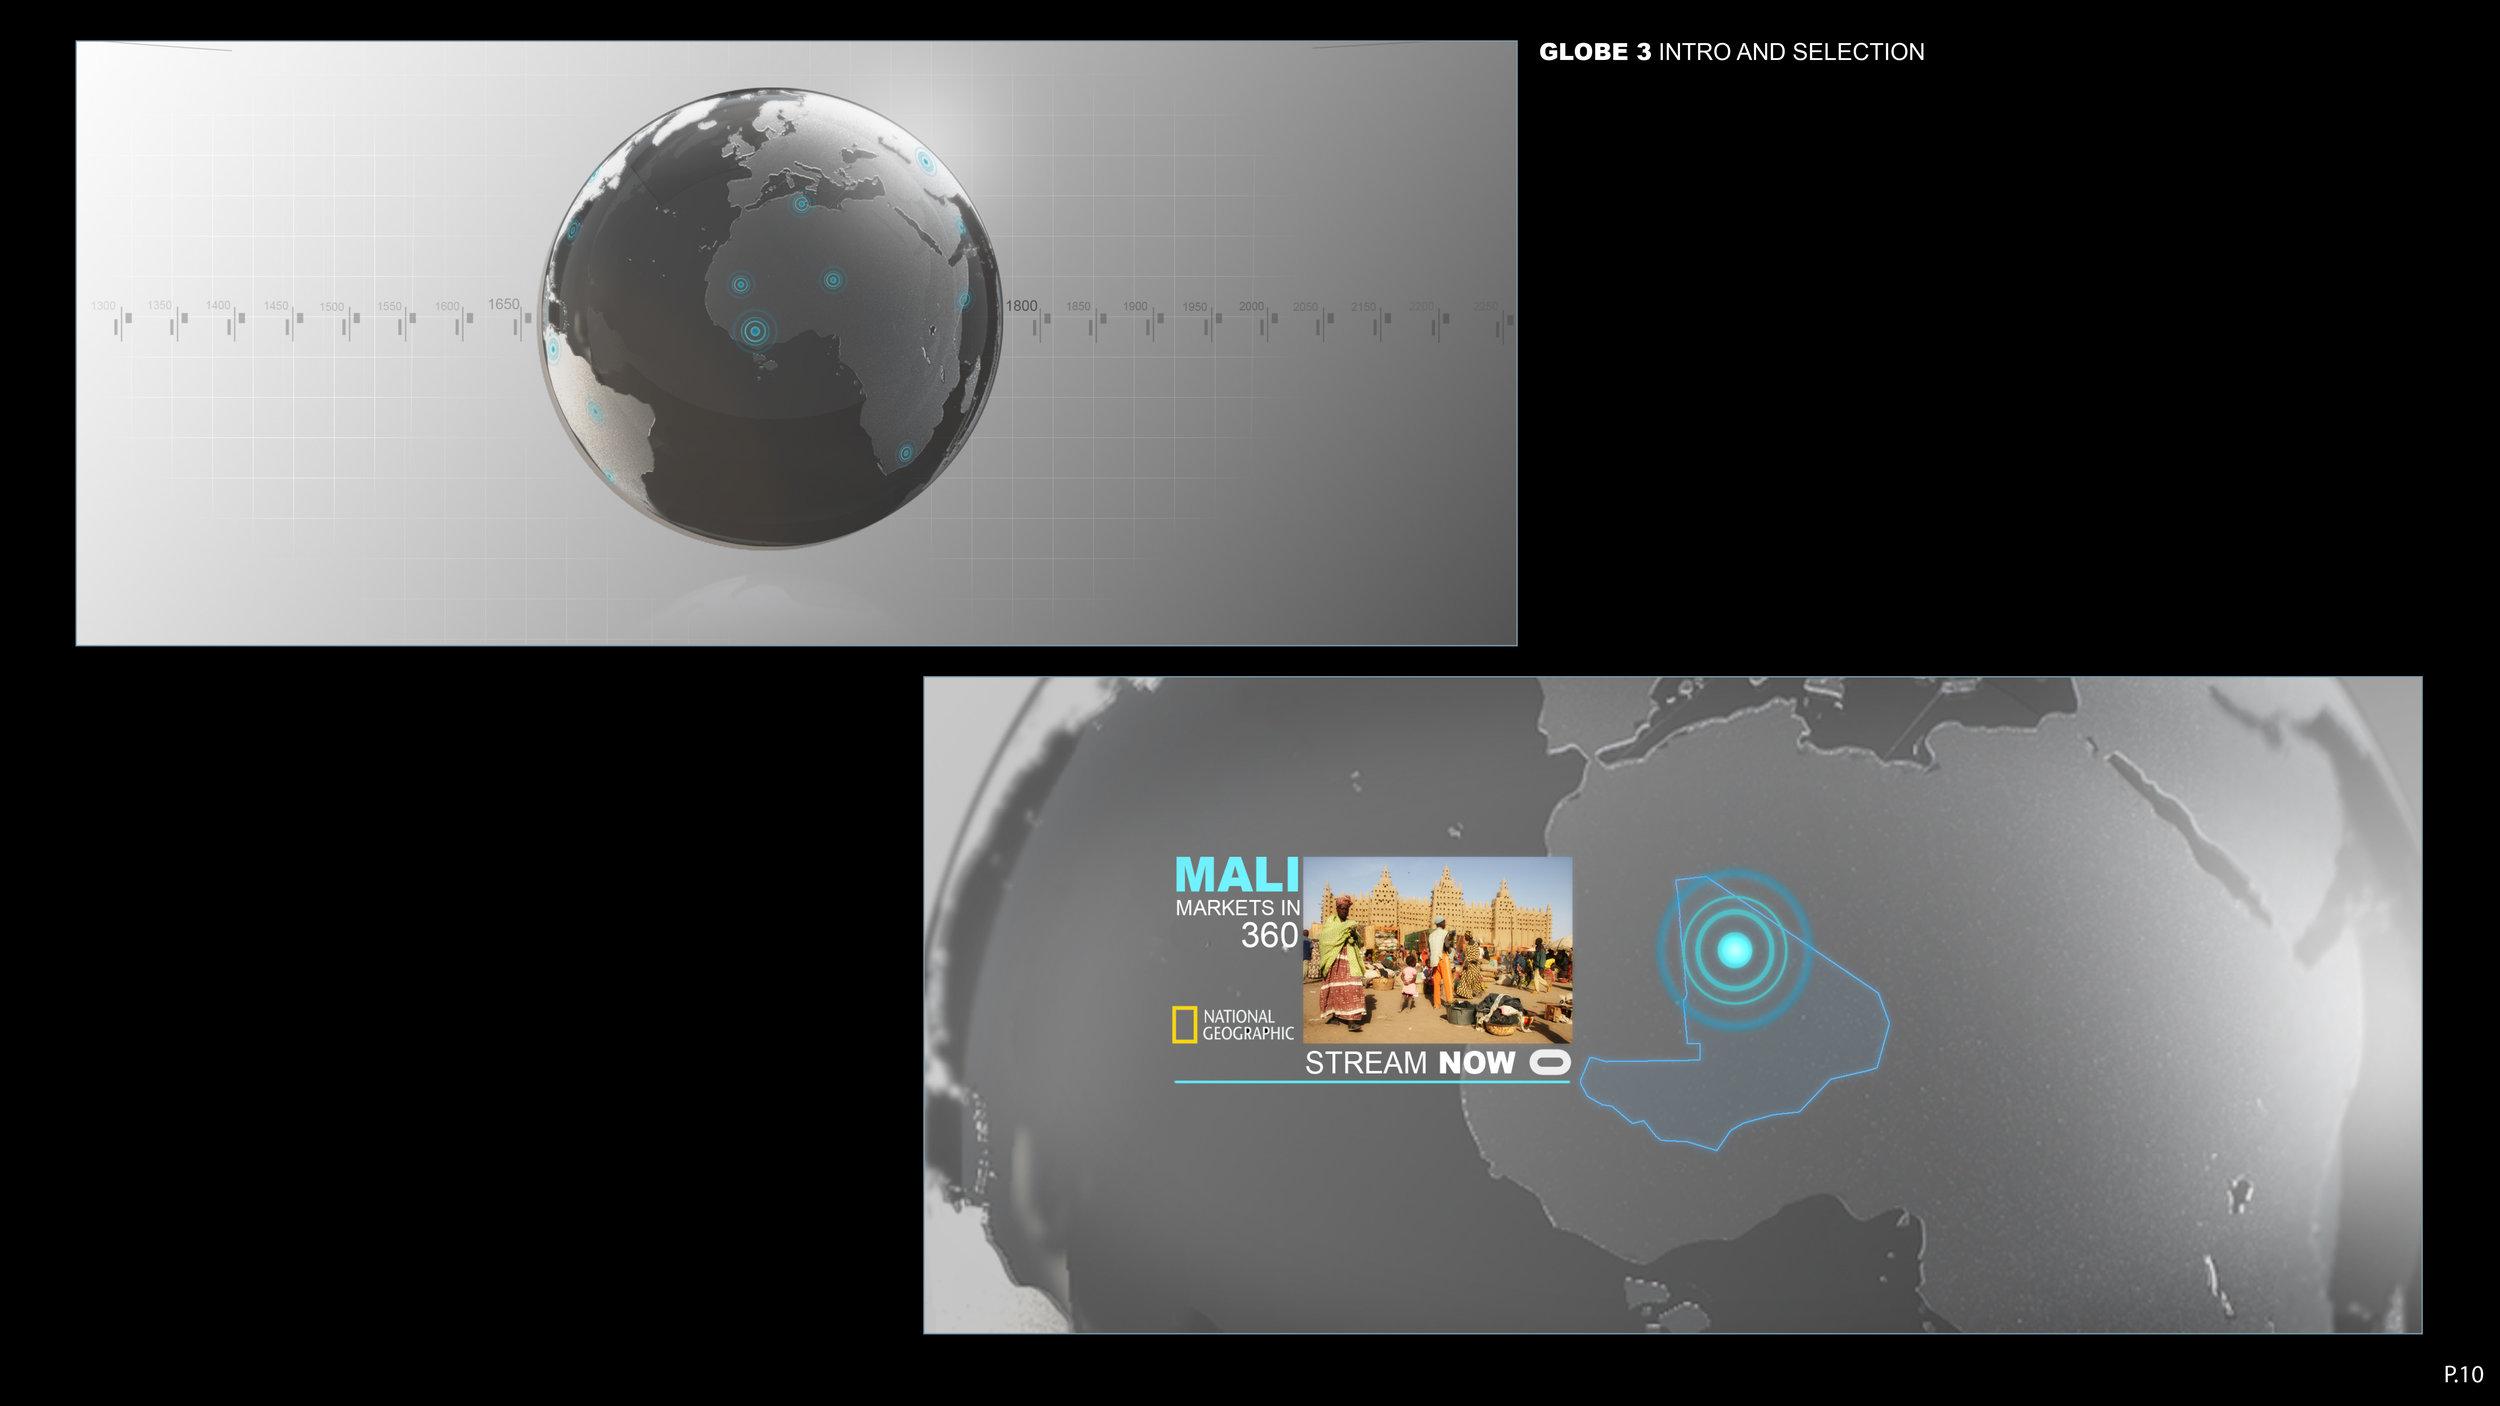 RFX_Oculus_GlobeVR_Concepts_v1_20160629-10.jpg